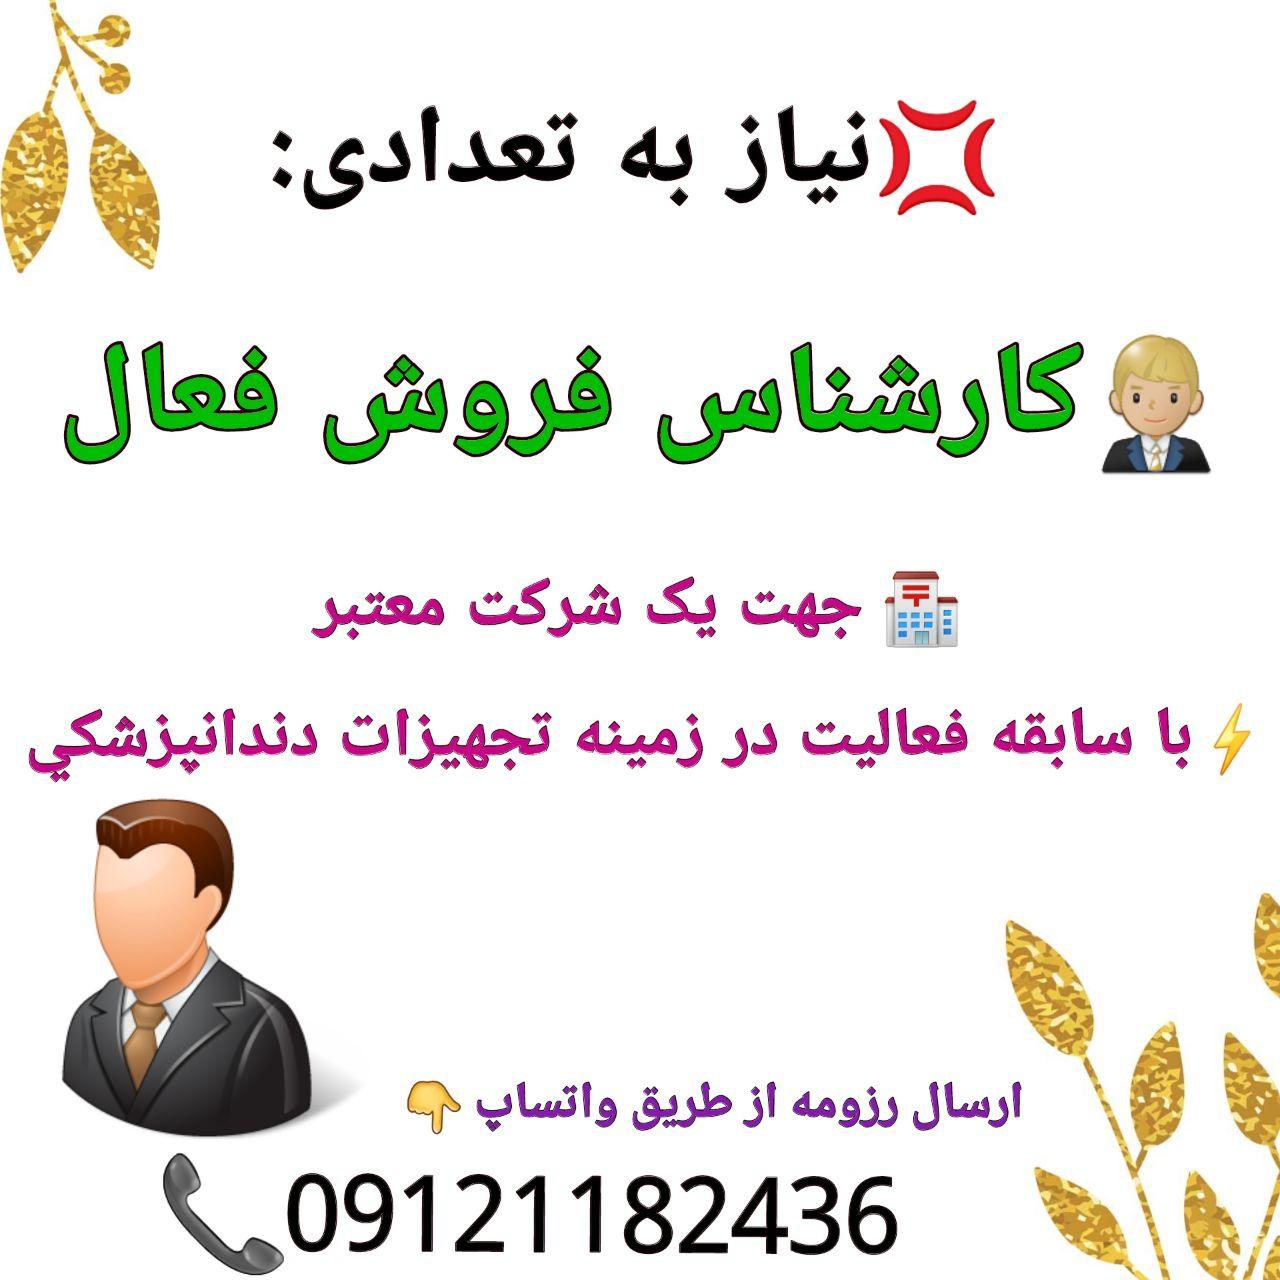 تهران: نیاز به تعدادی کارشناس فروش فعال